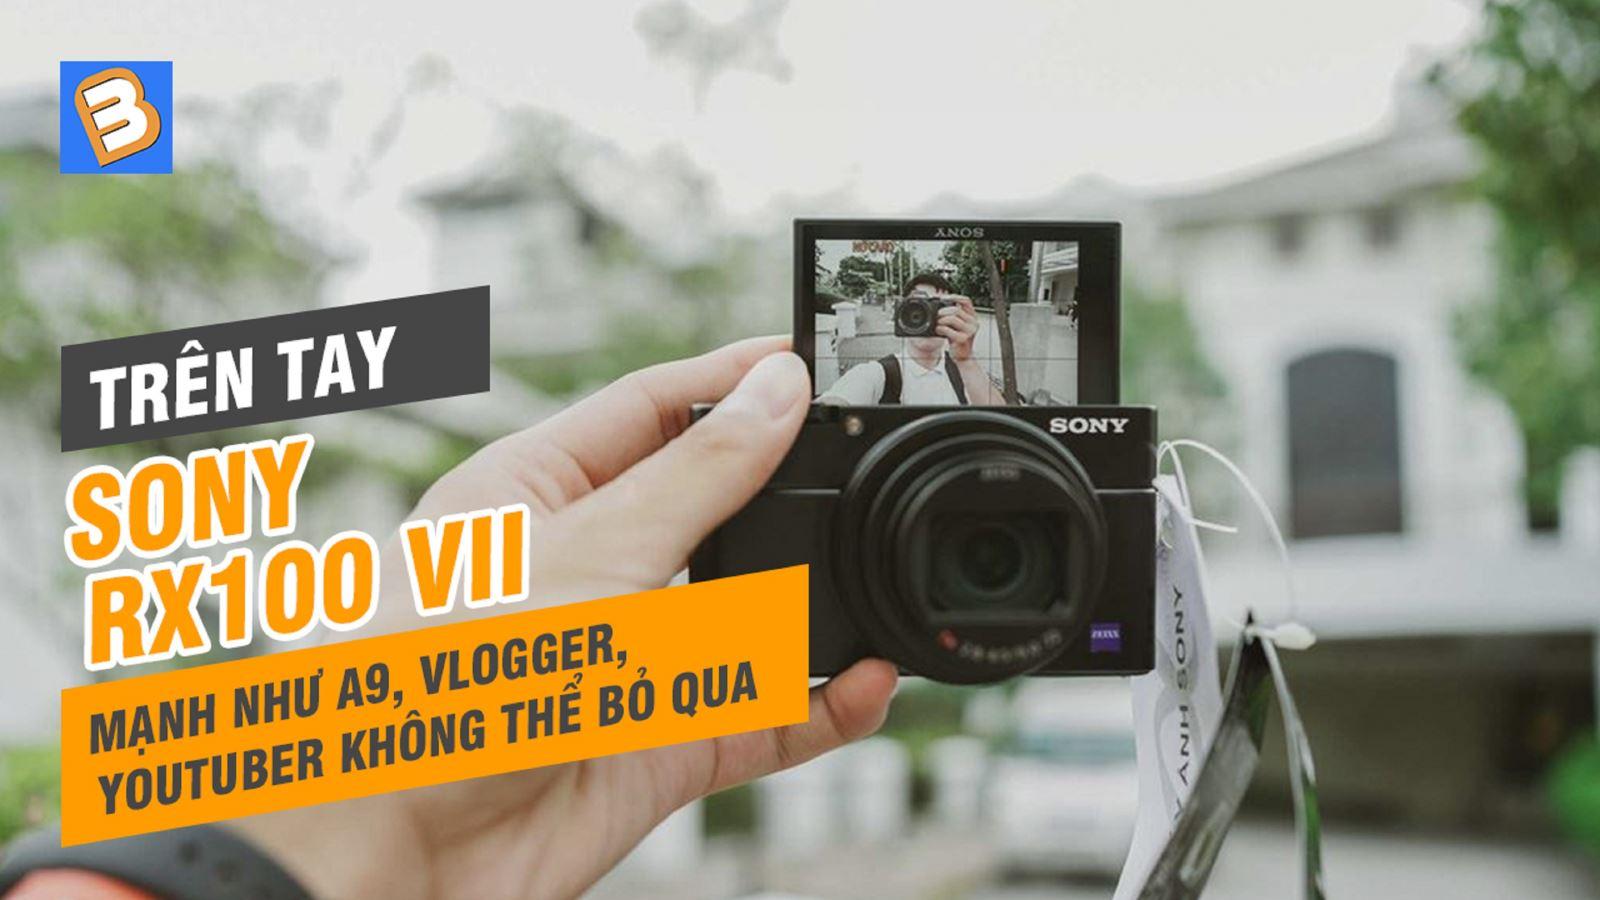 Trên tay Sony RX100 VII:mạnh như A9,vlogger, youtuber không thể bỏ qua